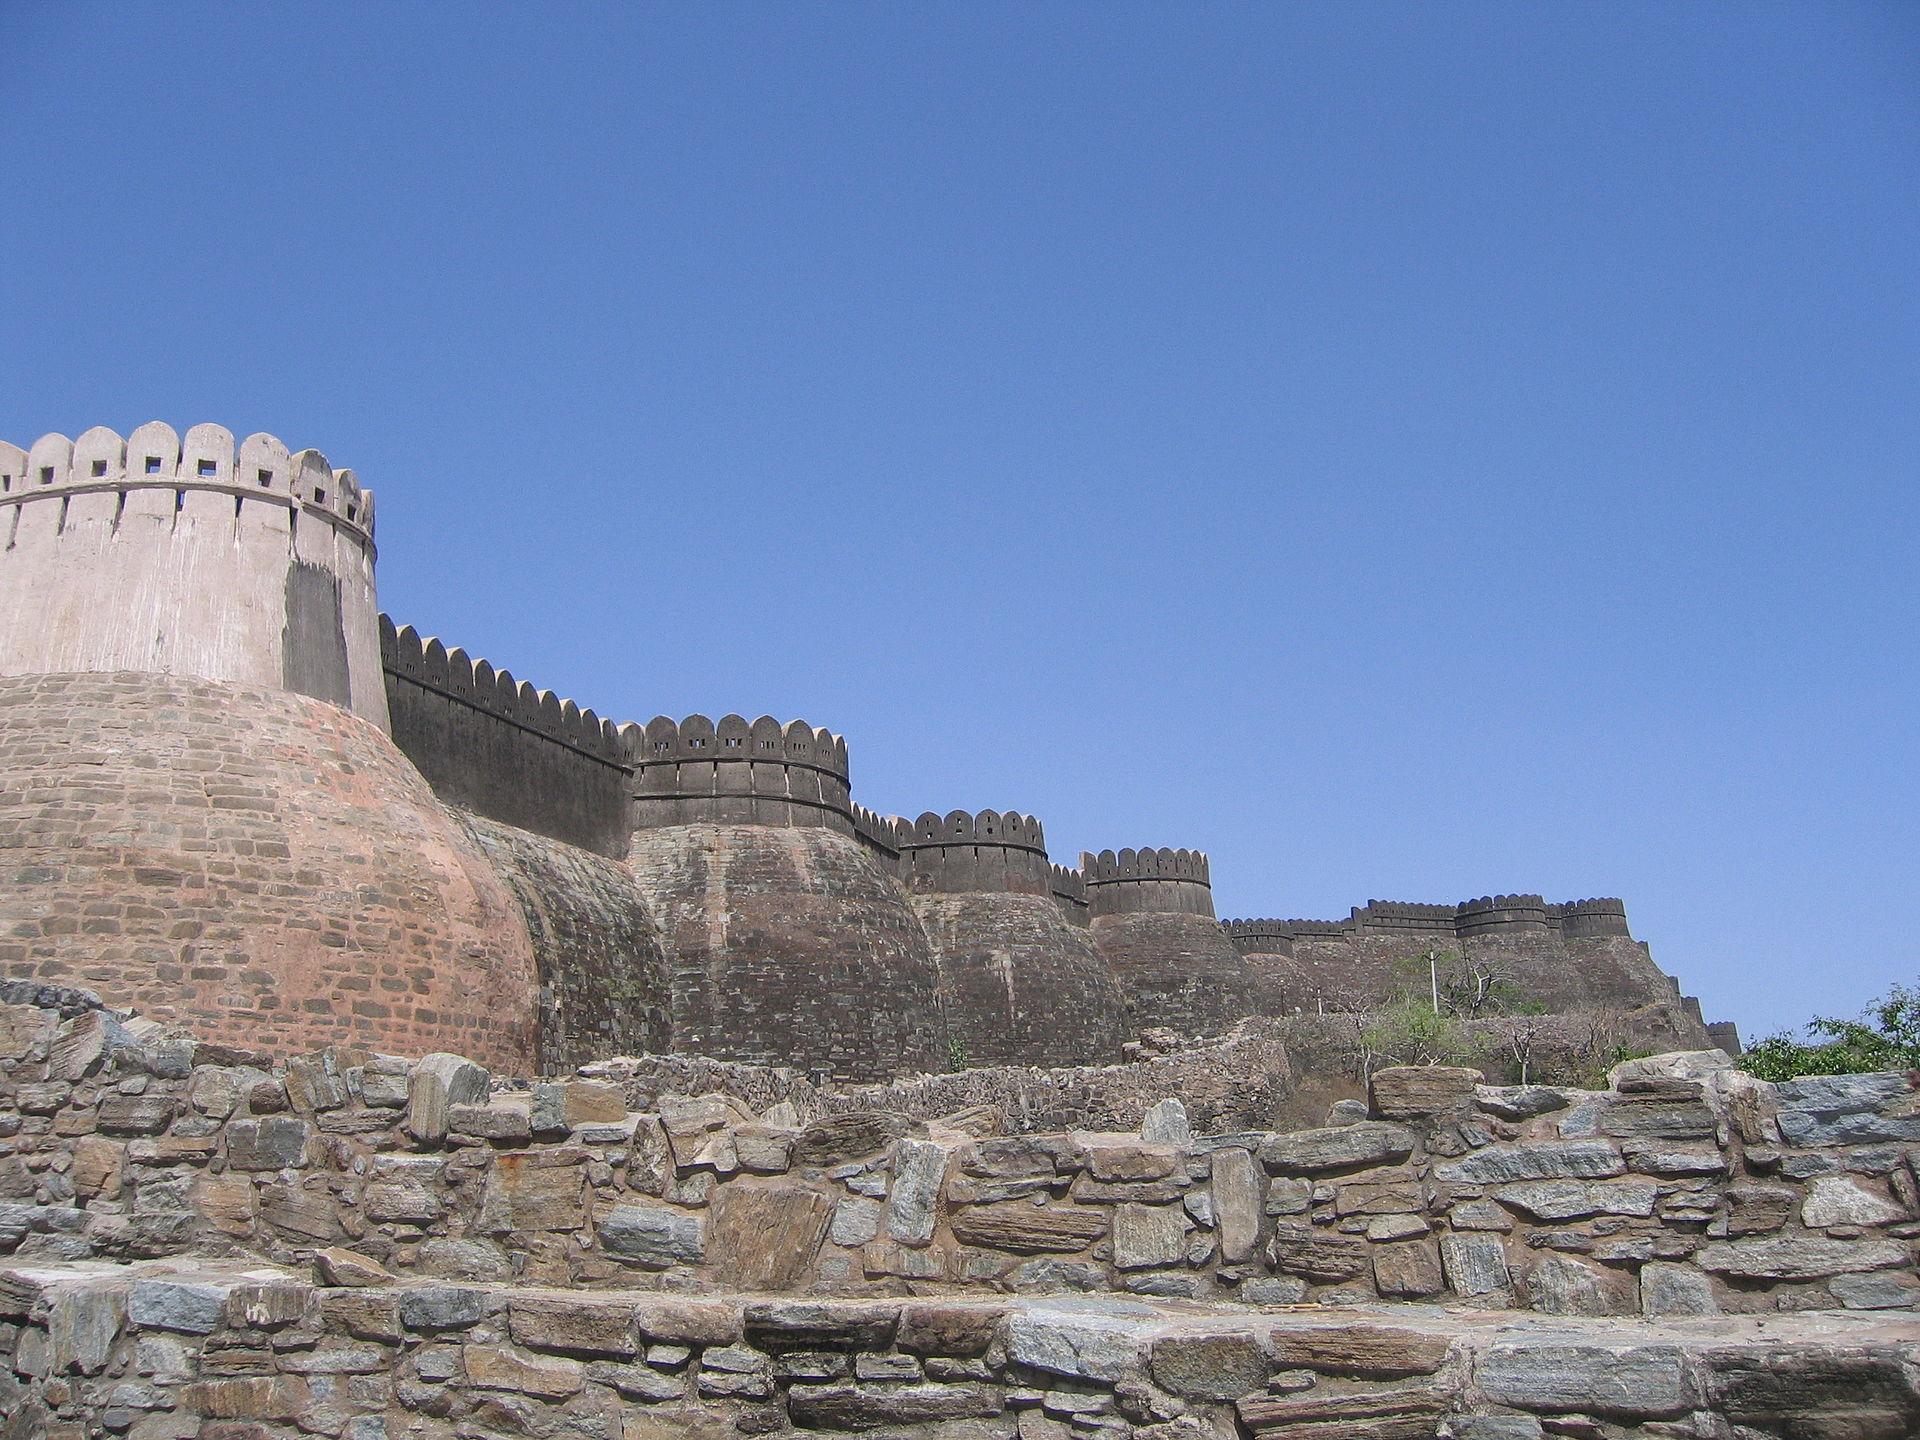 インドの世界遺産!美しくて感動するインドの絶景35ヶ所リスト